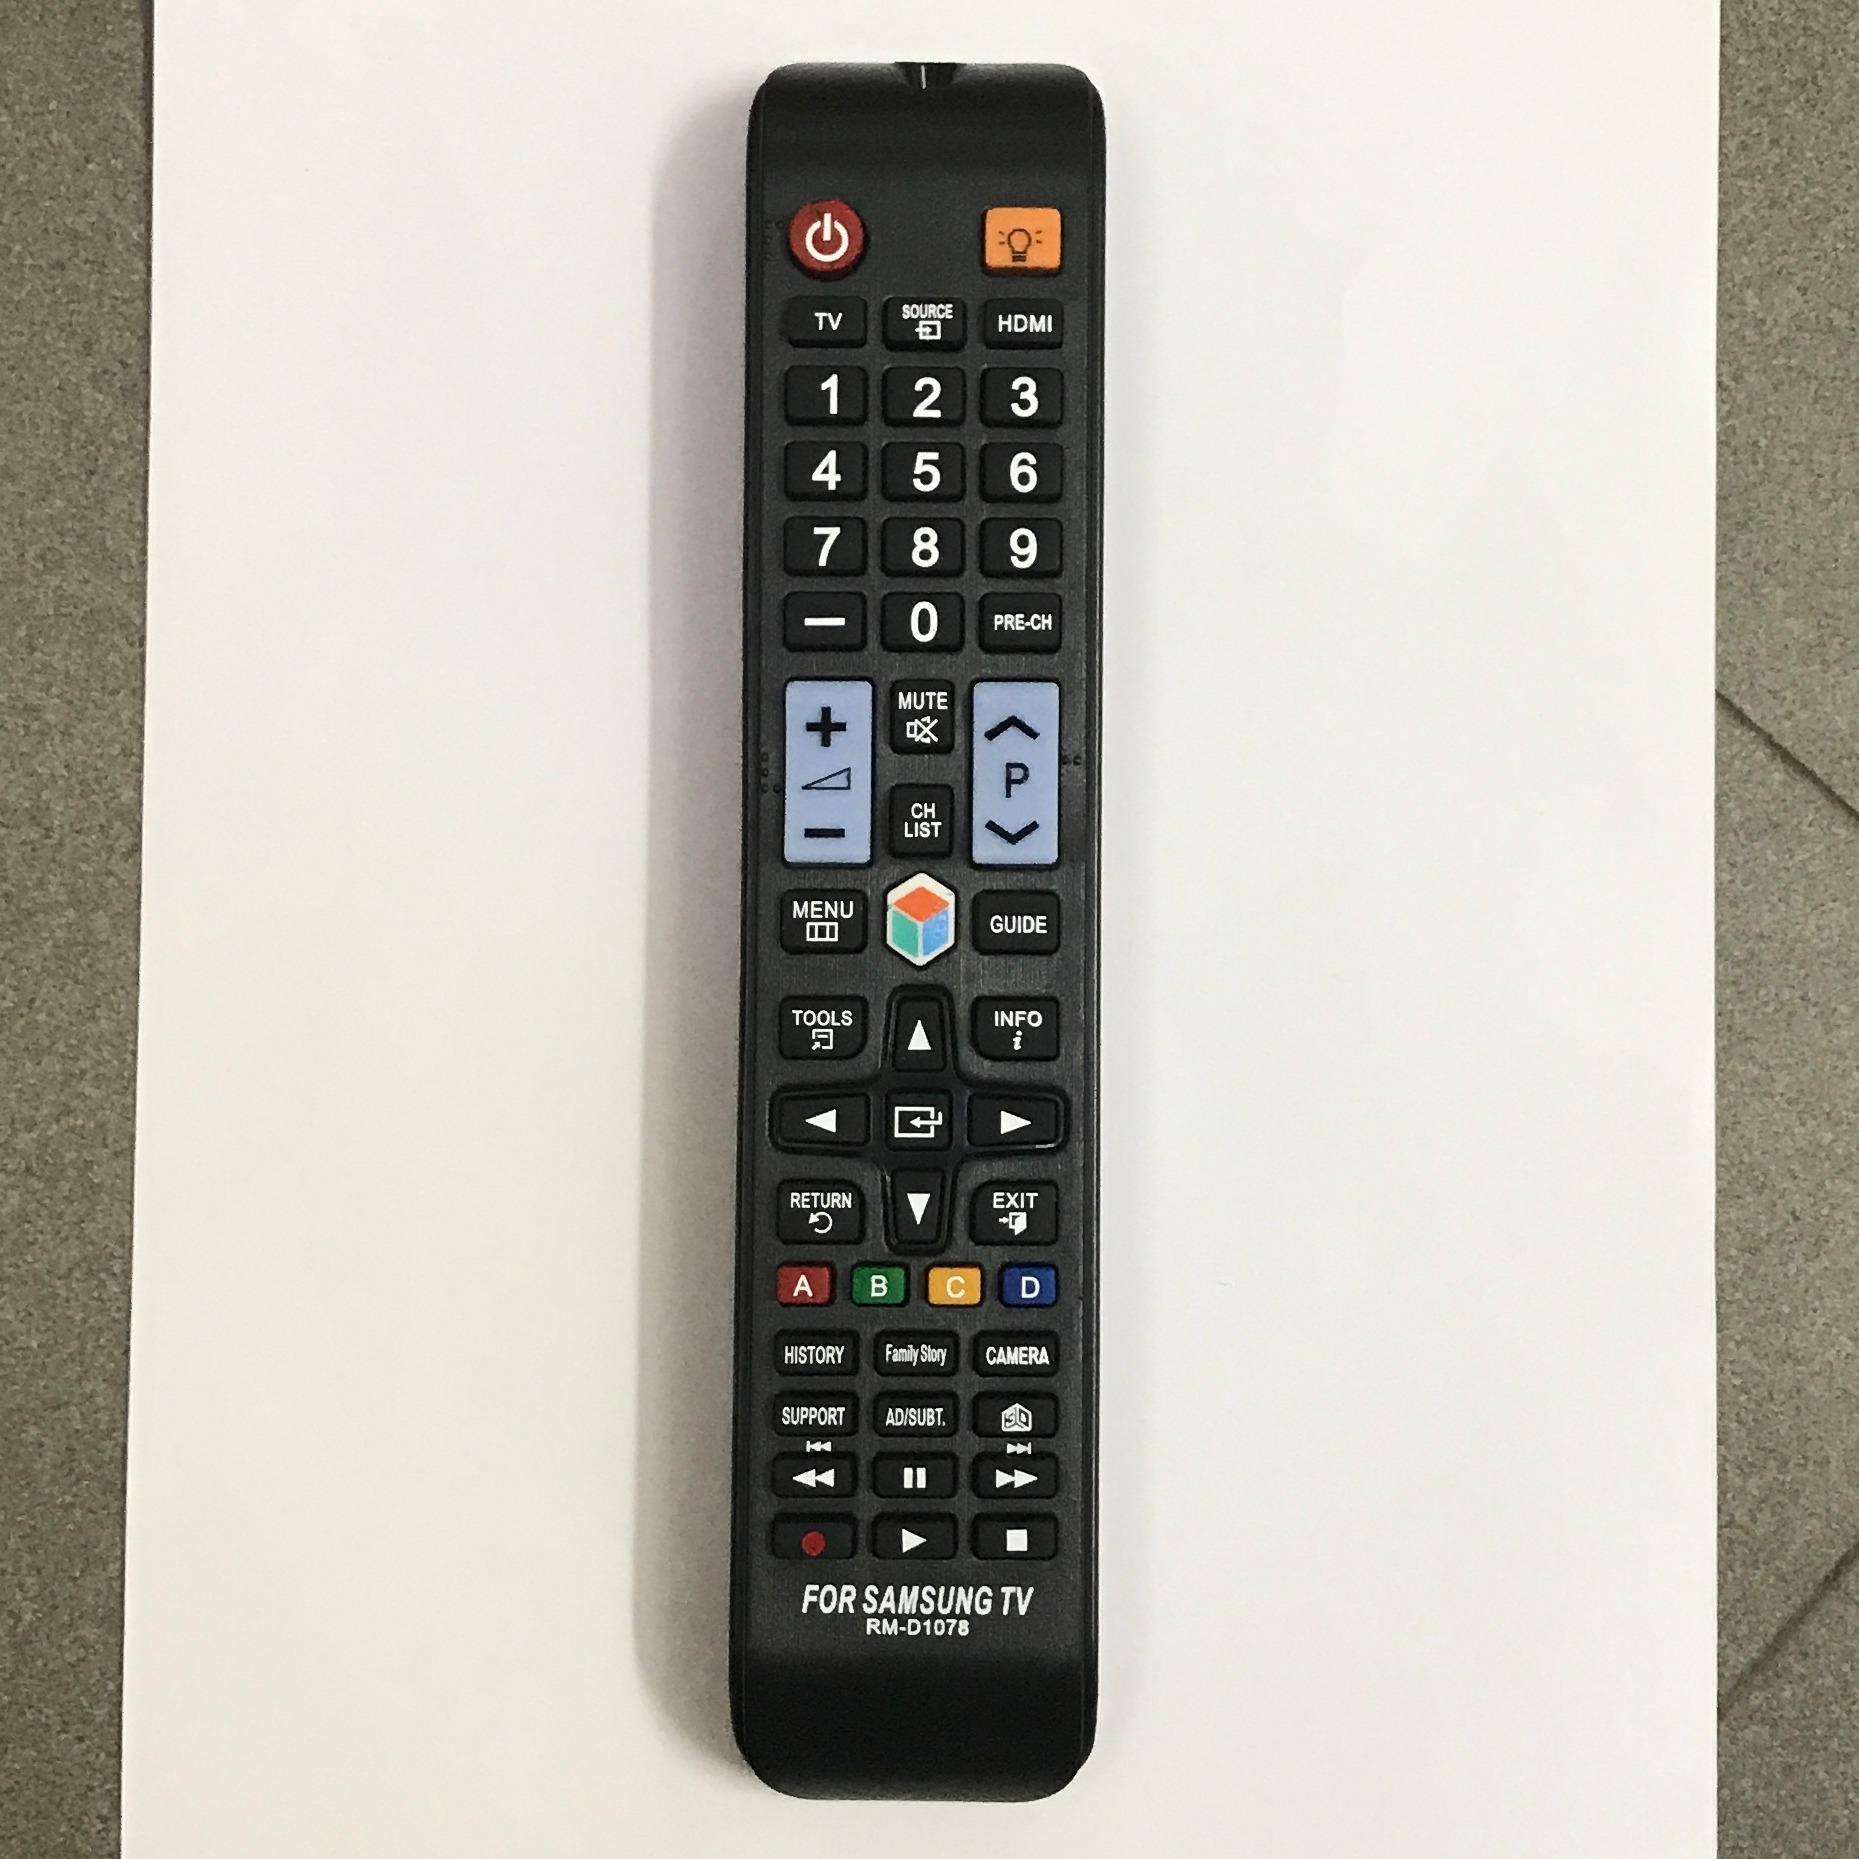 Điều Khiển TV Samsung Đa Năng RM-D1078+ – Dùng cho các dòng TV LCD/LED Samsung(Đen)